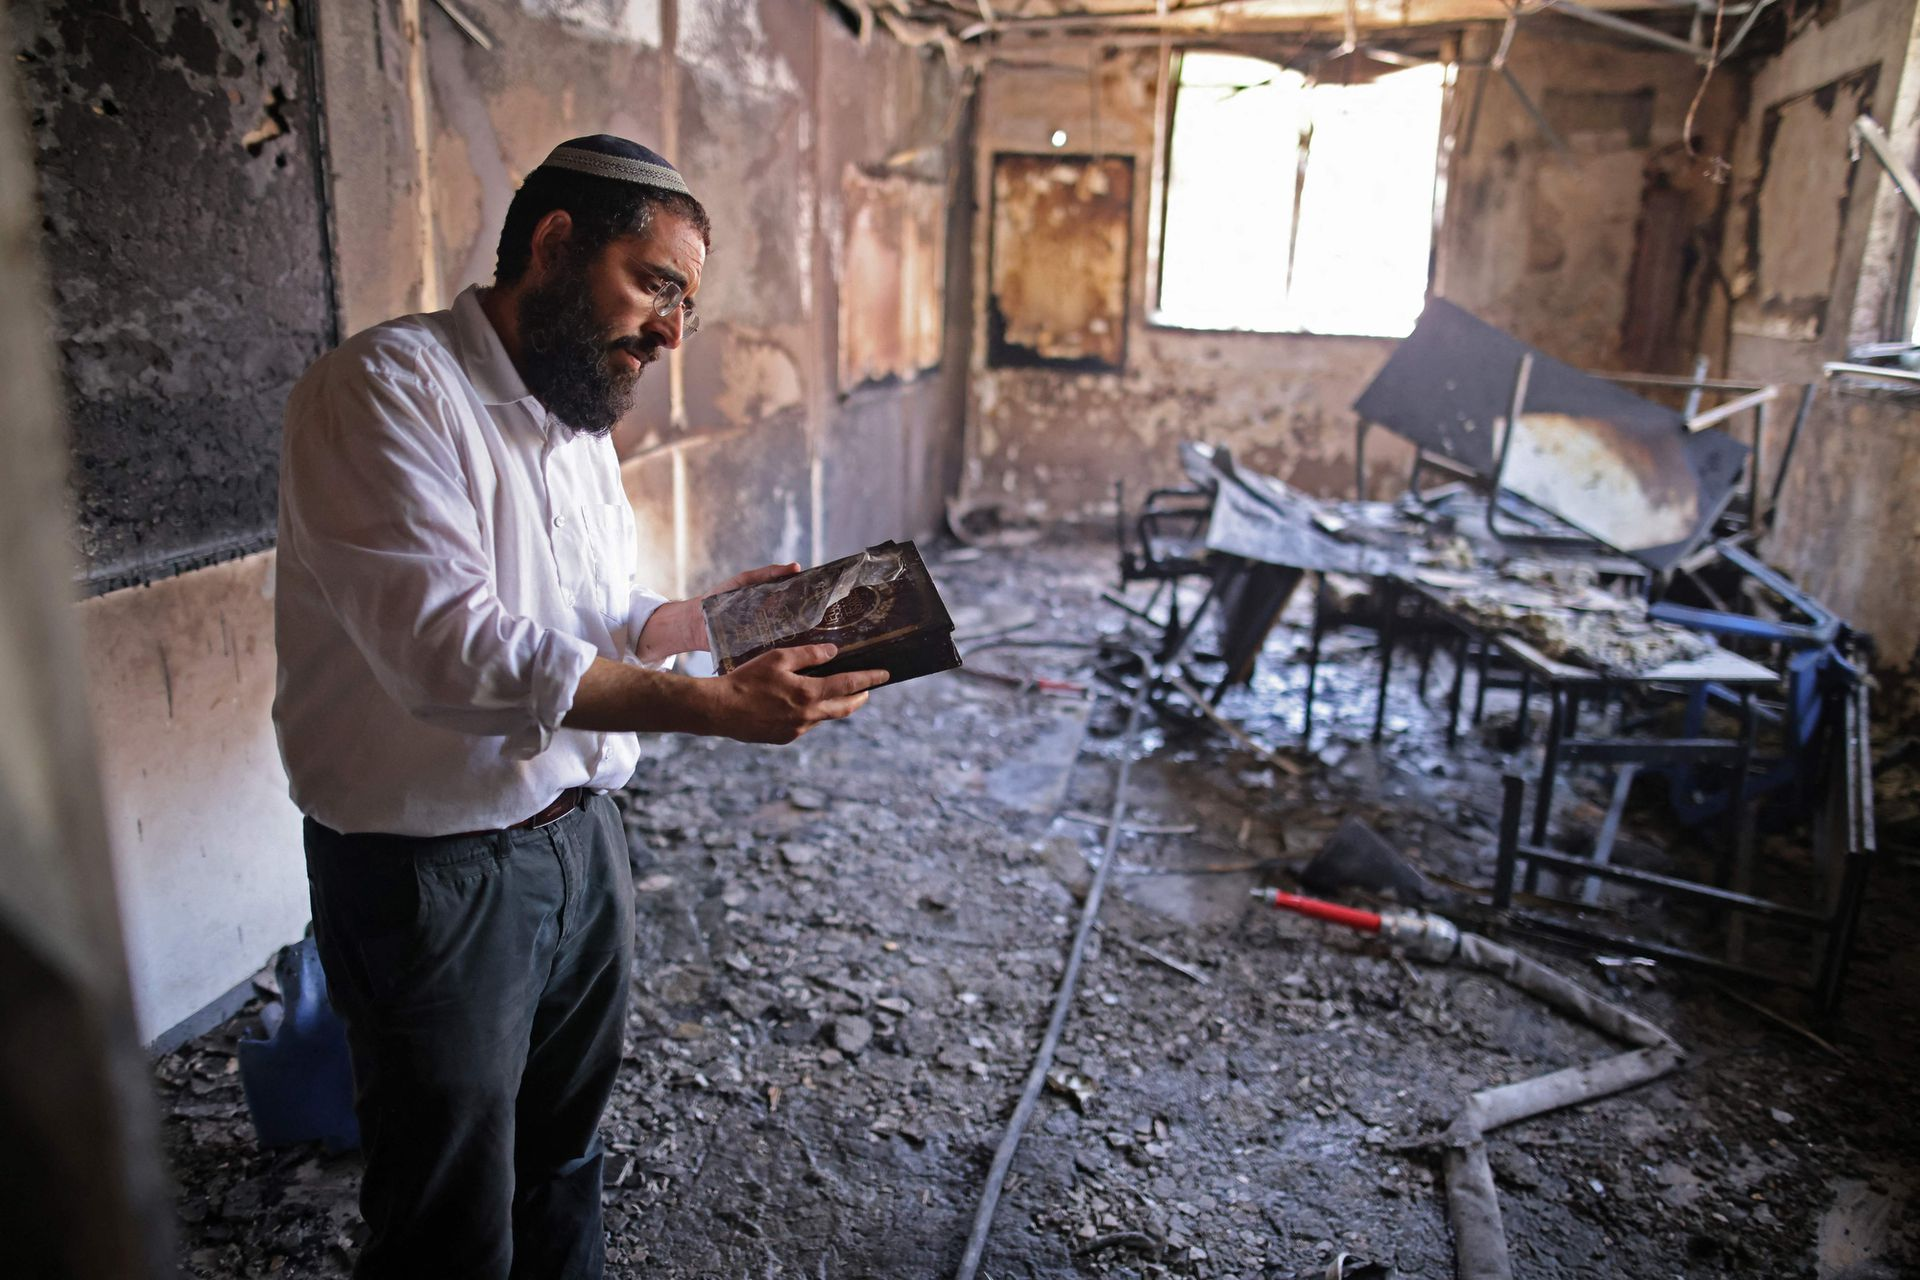 Un rabino inspecciona los daños dentro de una escuela religiosa incendiada en la ciudad central israelí de Lod, cerca de Tel Aviv